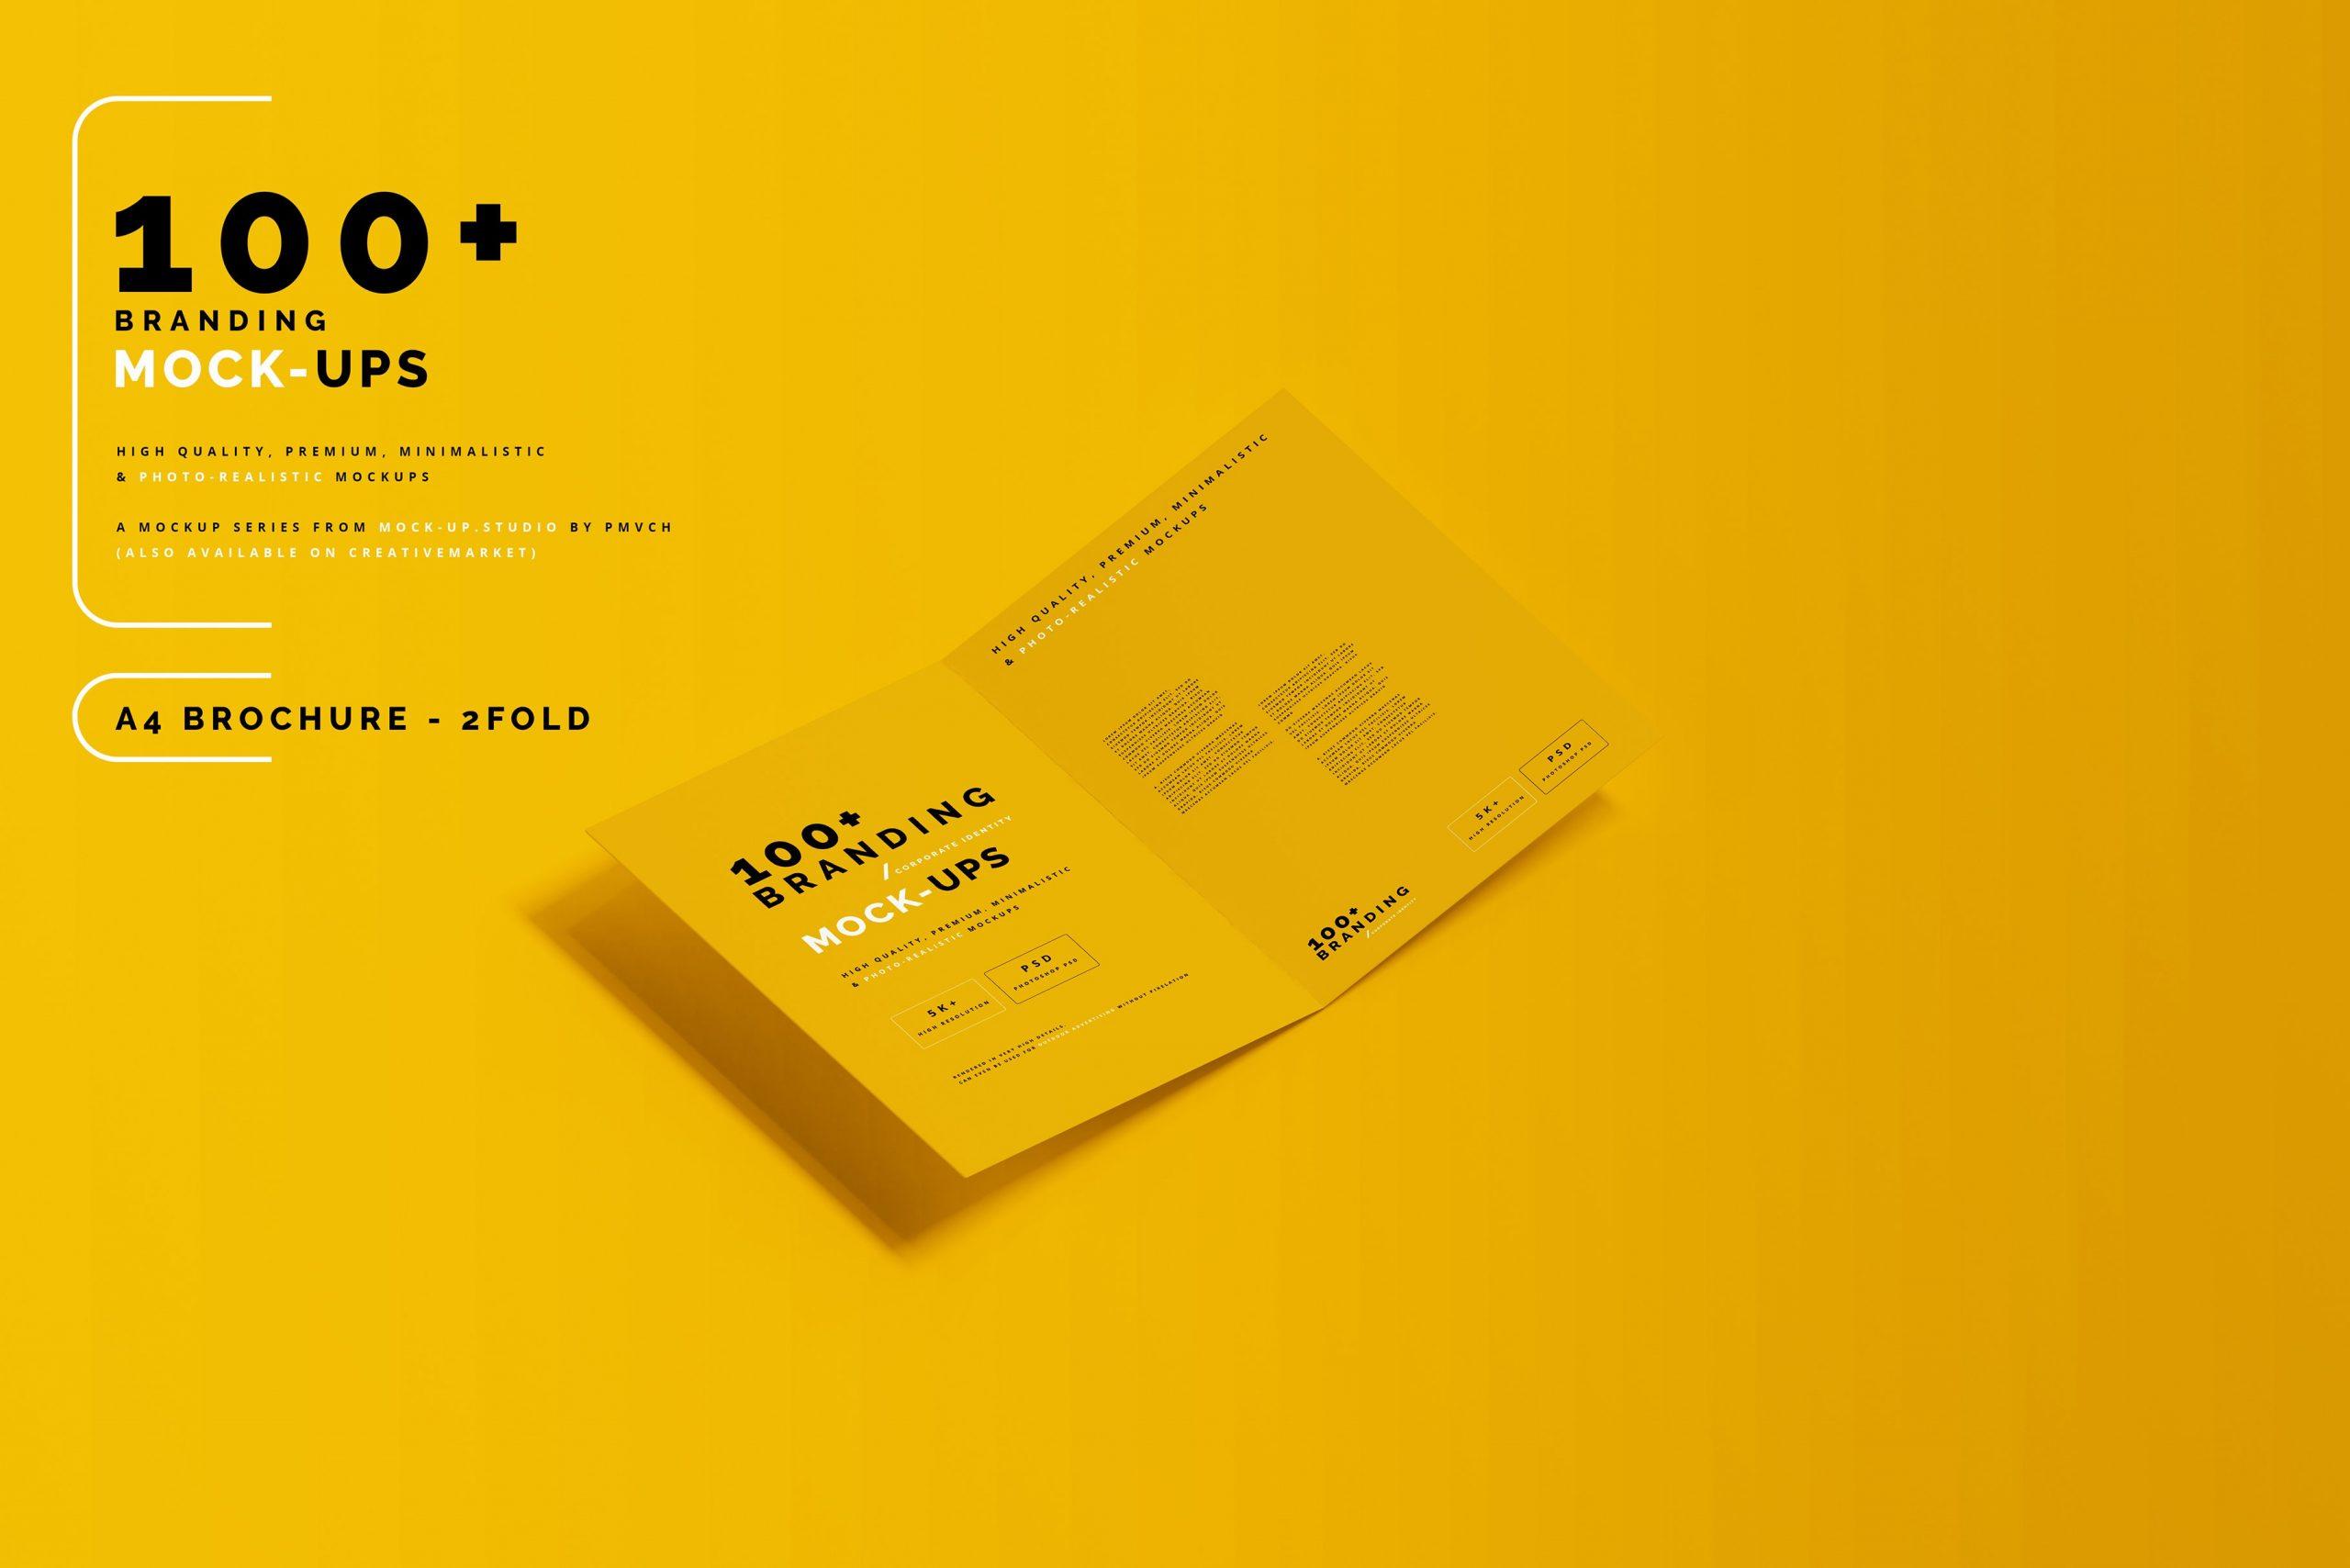 VI样机:100多个宣传册书籍瓶子名片CD封套咖啡杯化妆品海报横幅高分辨率品牌PSD样机(4248)插图(24)